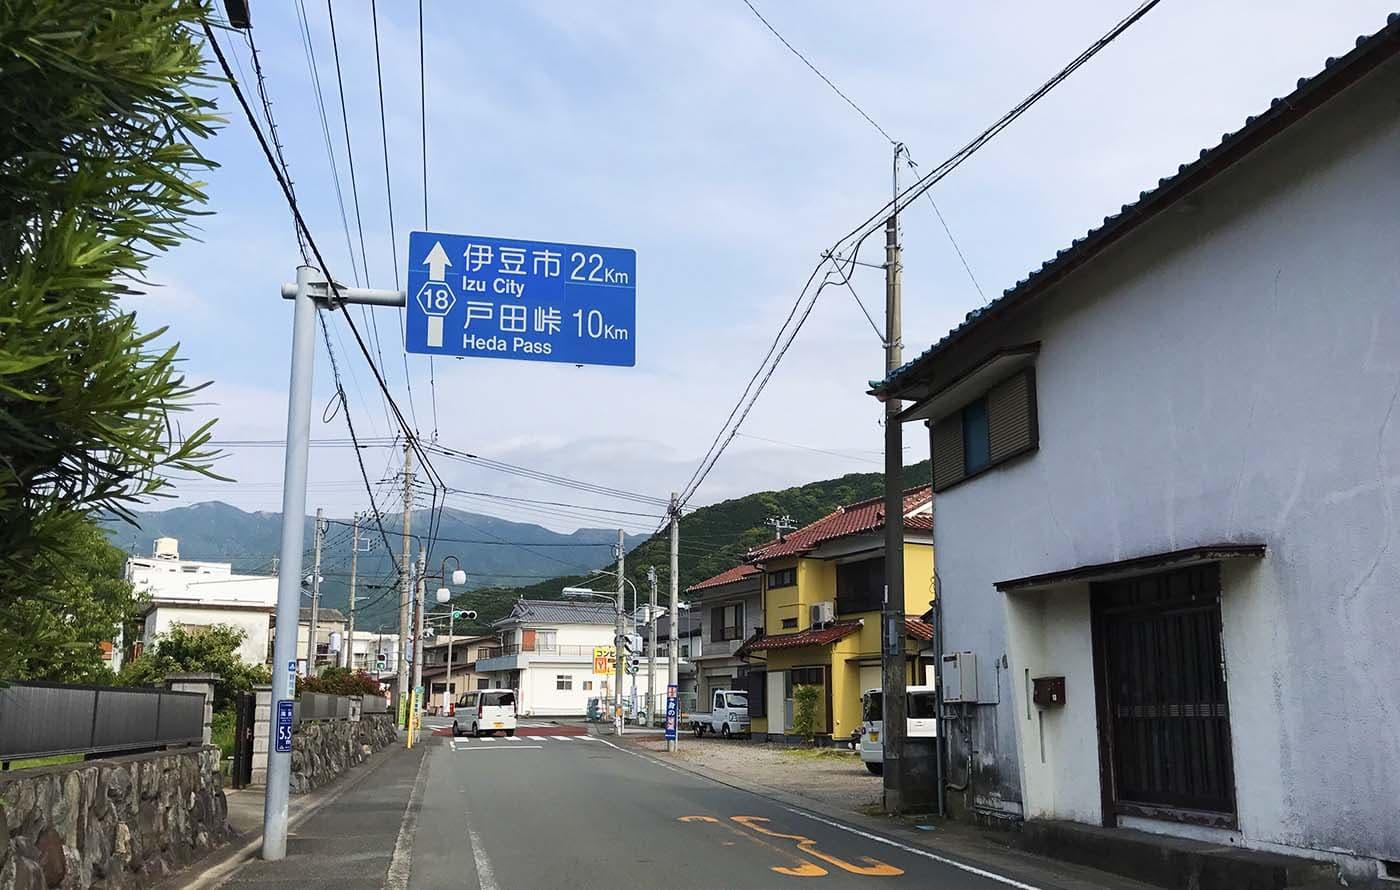 戸田峠まで10km